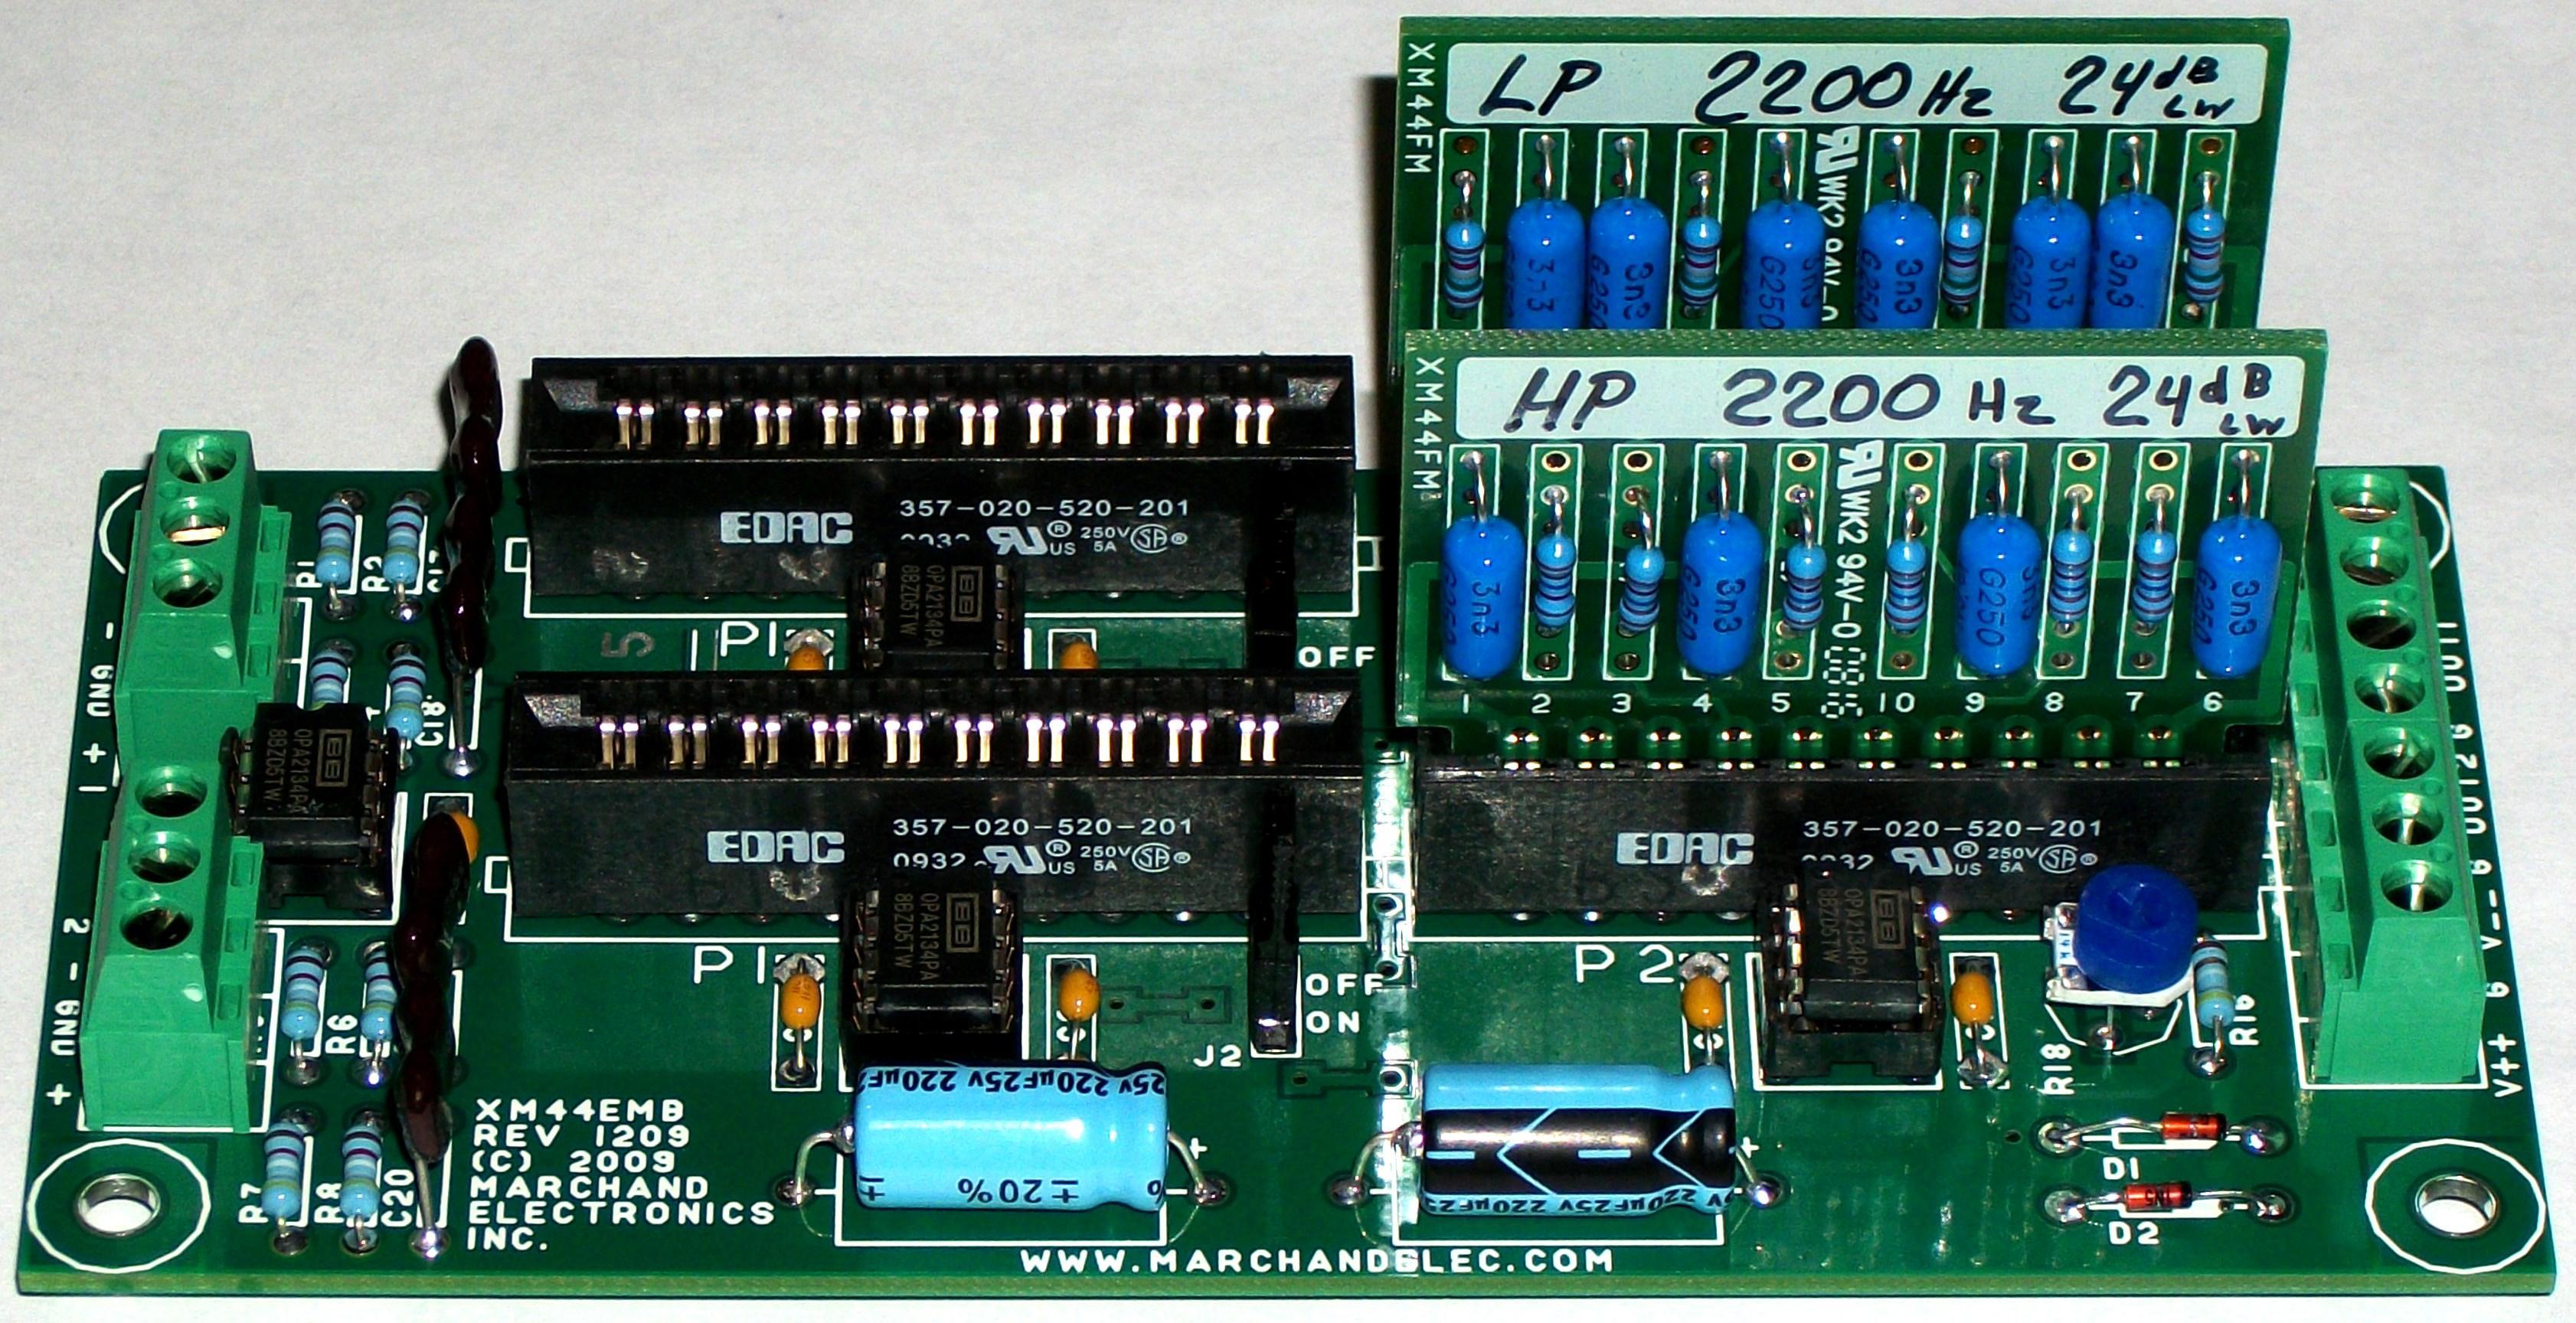 Xm Emb Big on Electronic Control Module